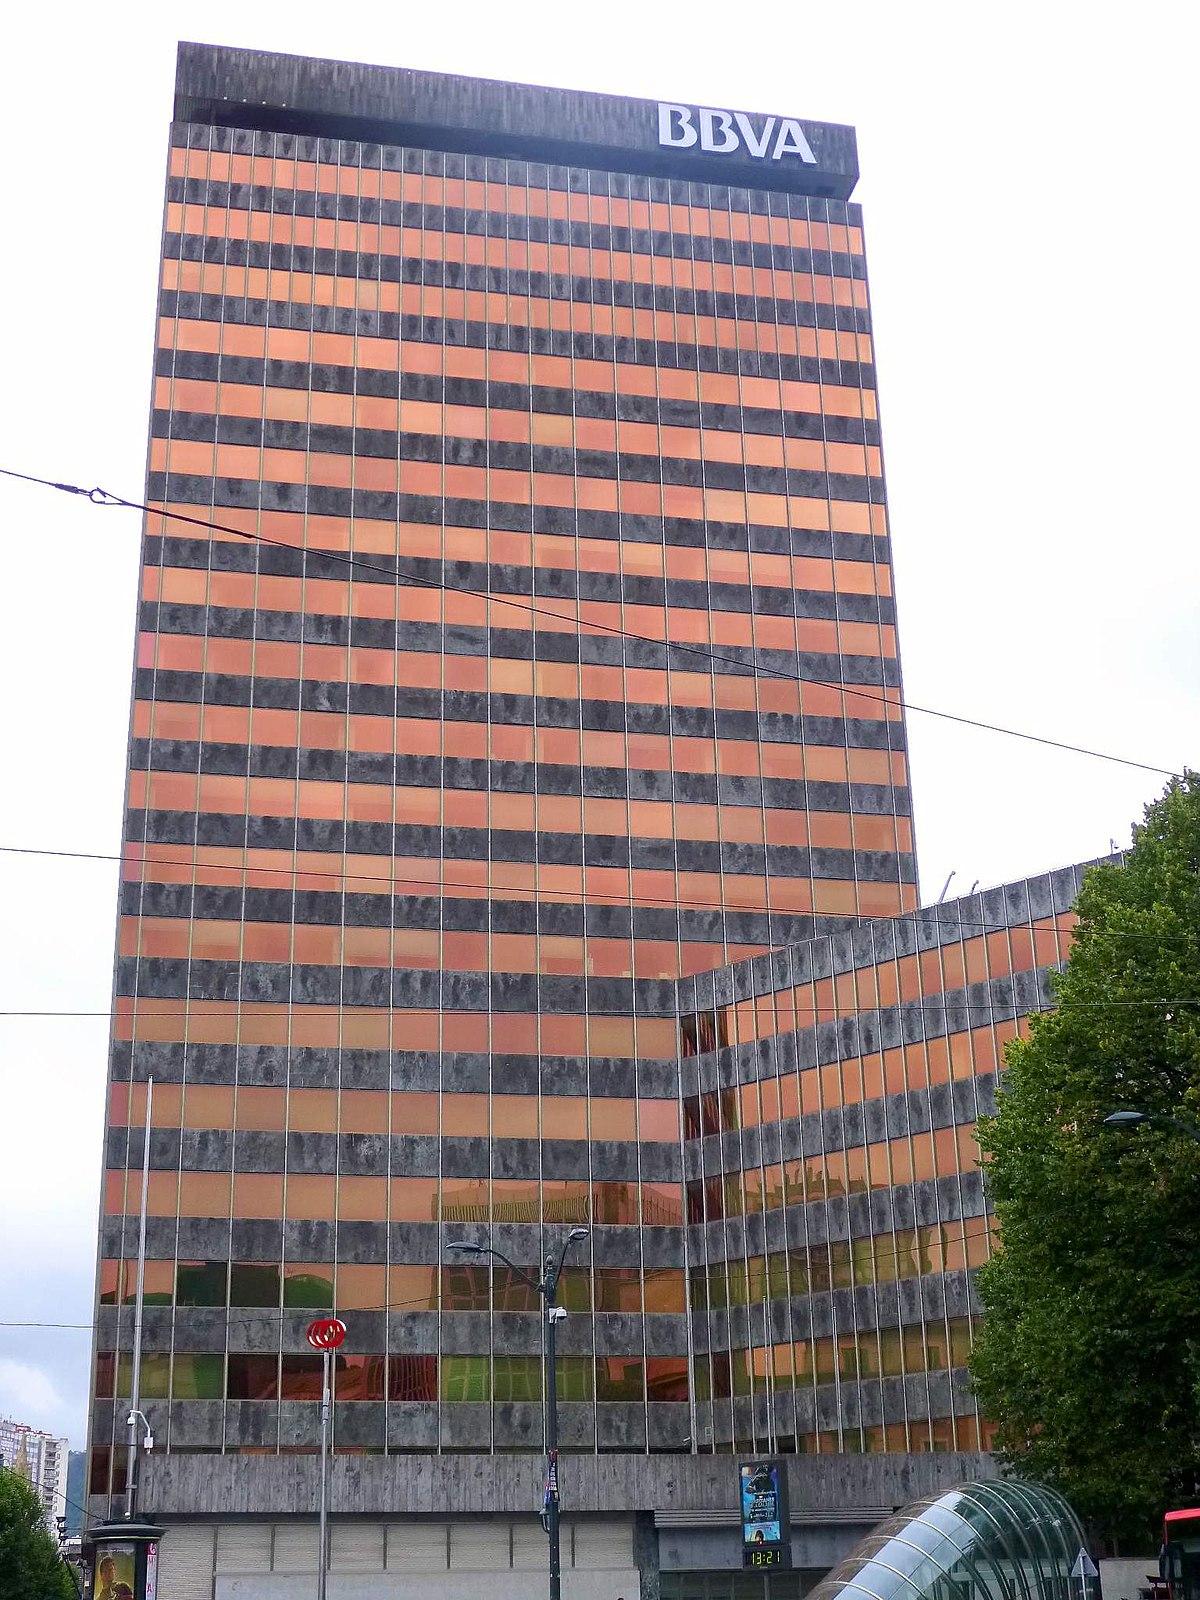 Torre banco de vizcaya wikipedia la enciclopedia libre for Banco popular bilbao oficinas